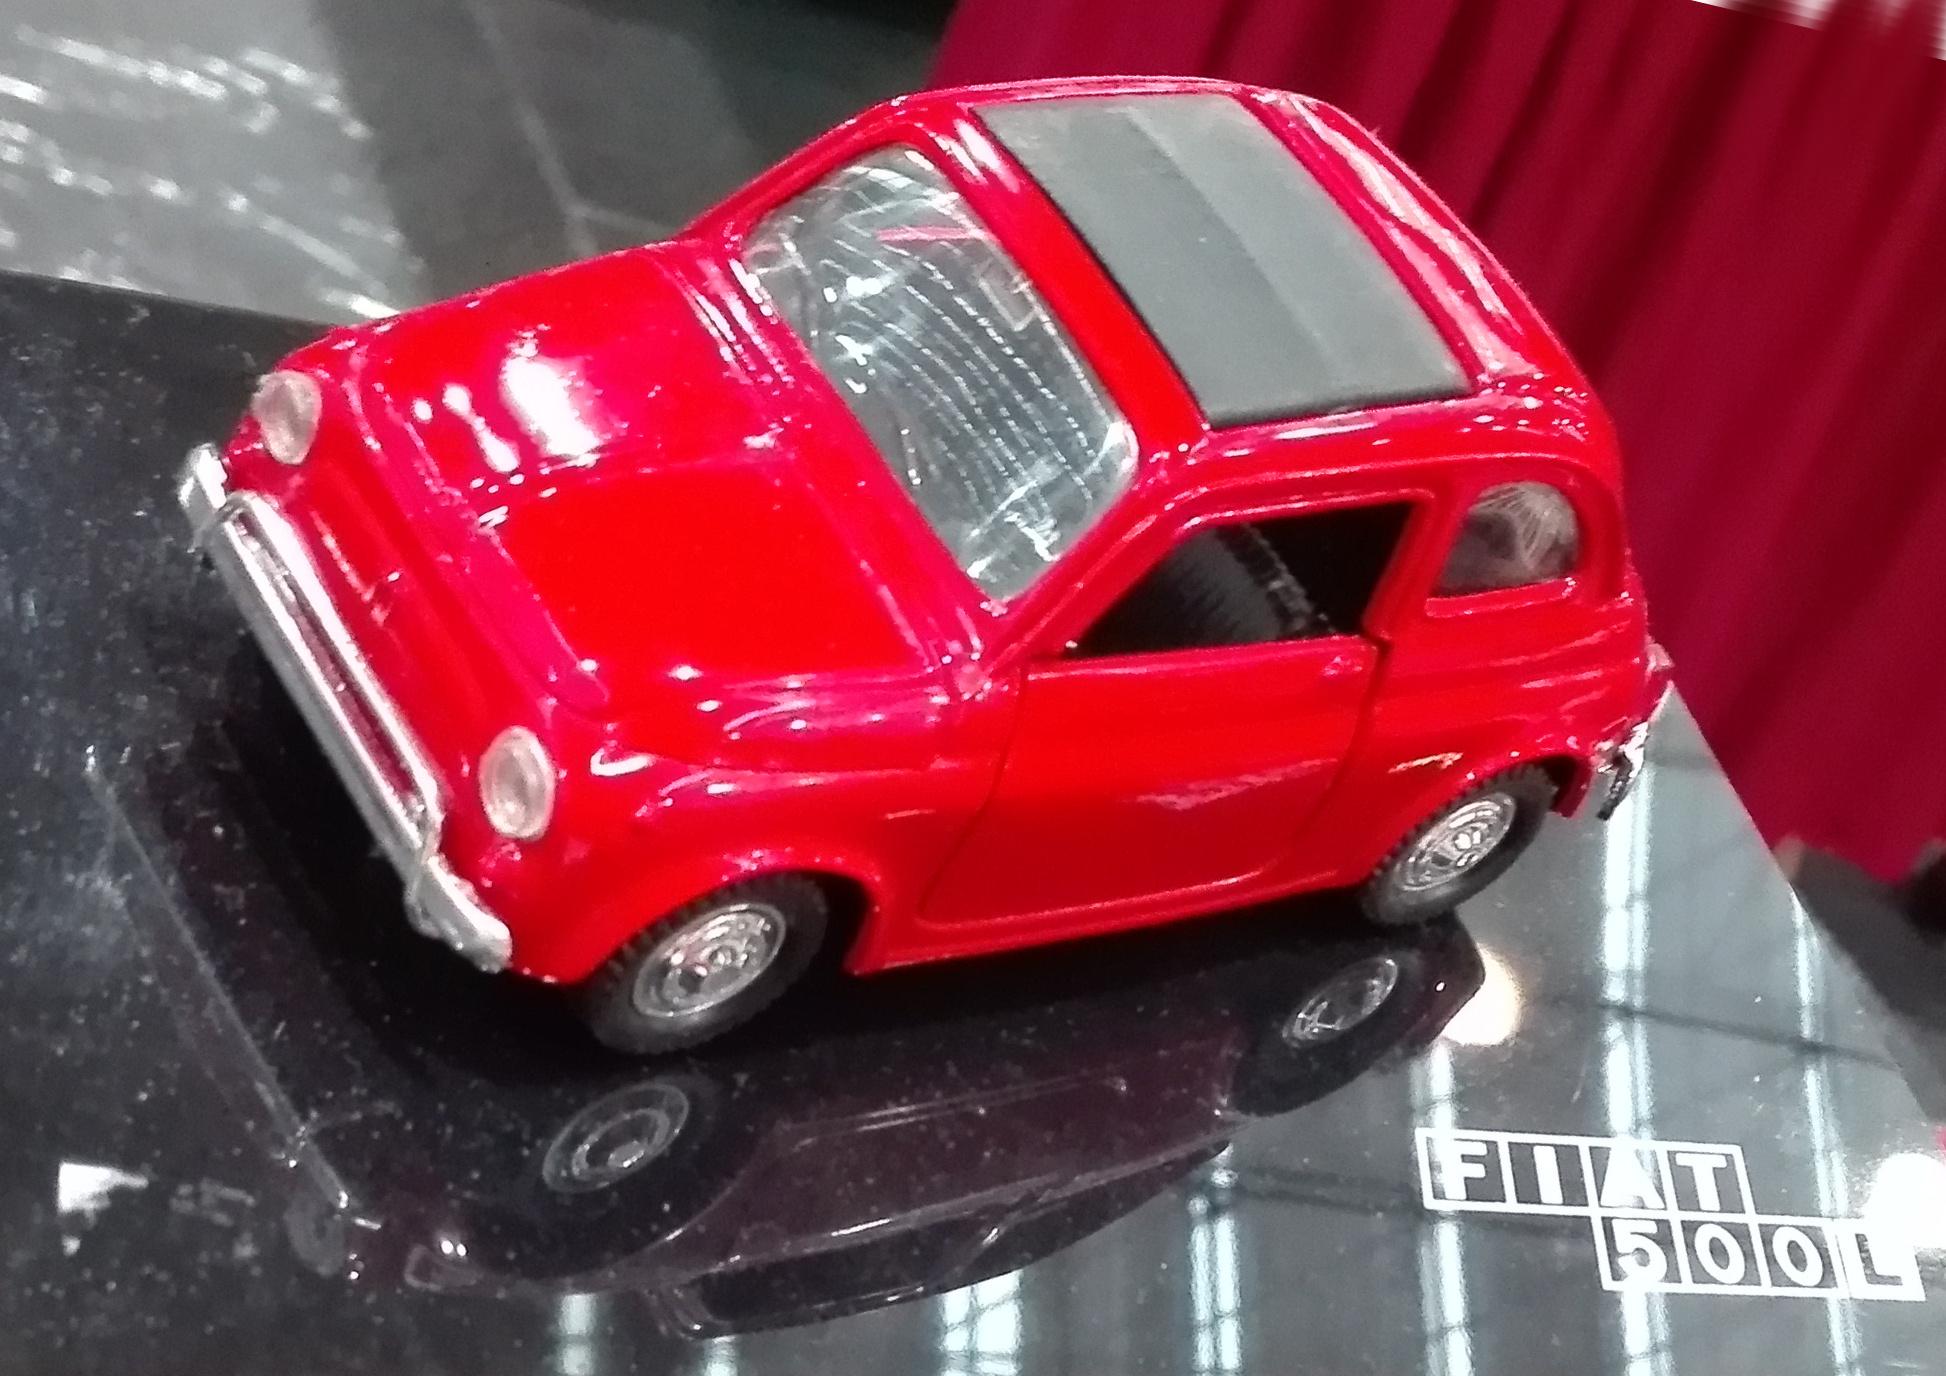 S599, Fiat 500 L